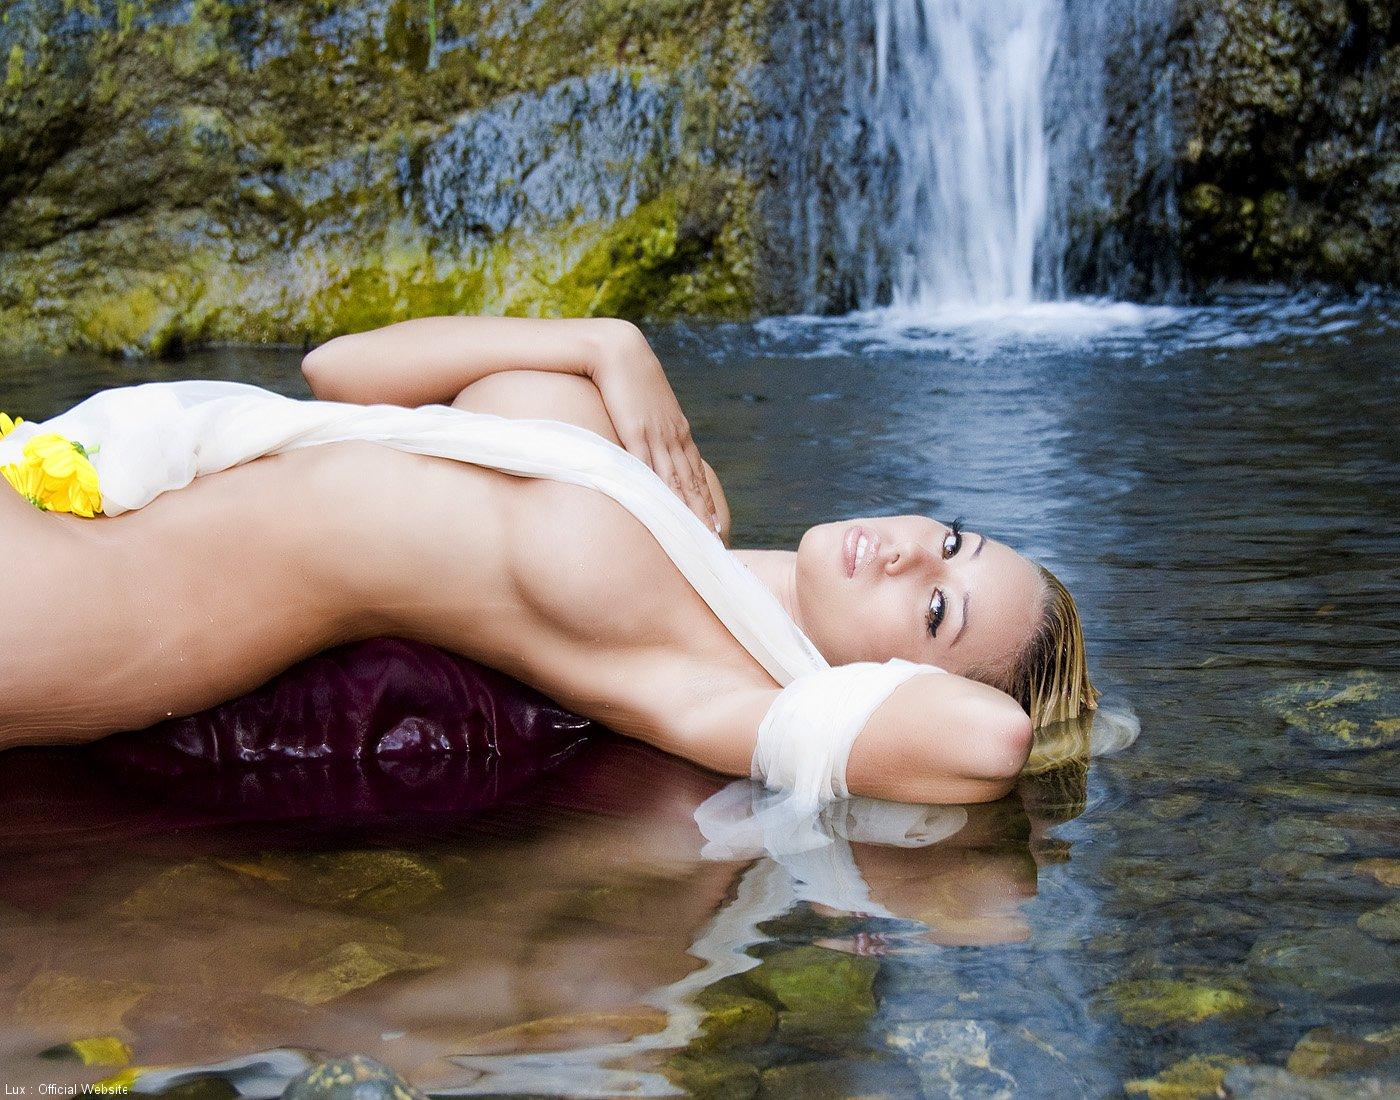 Lux, la blonde motarde nue sous une cascade